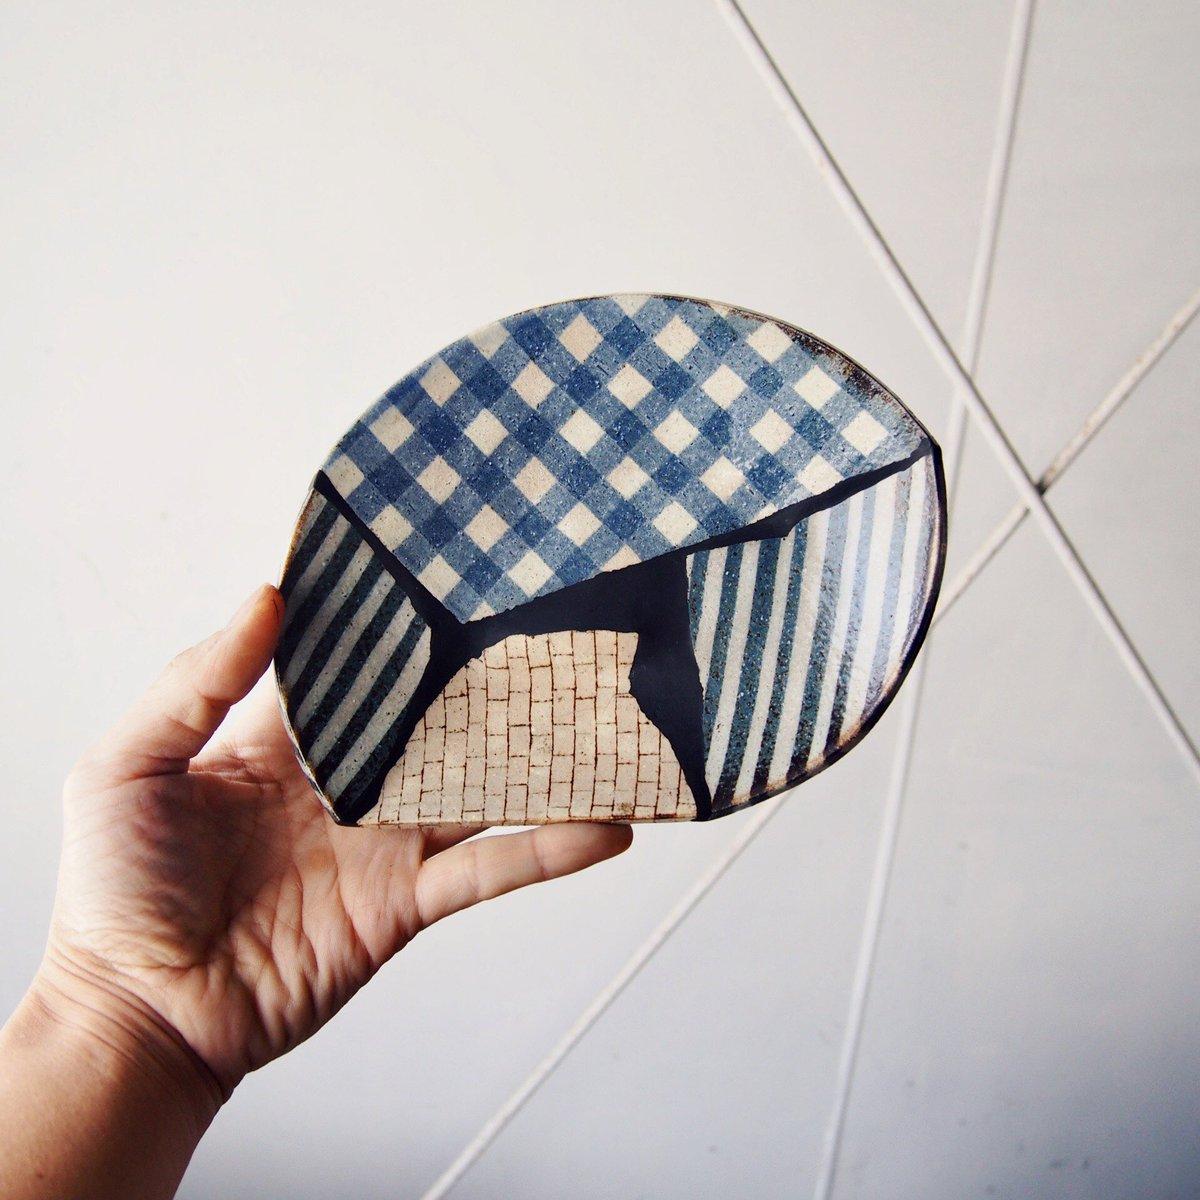 日本には「呼び継ぎ」という、うつわの欠けた箇所に全く別のうつわの陶片をあてがって修復する技法があります。  その応用編で、割れたうつわのピースを組み合わせてパッチワークのように継ぎました。  #金継ぎ #牧谷窯 #パッチワーク継ぎ